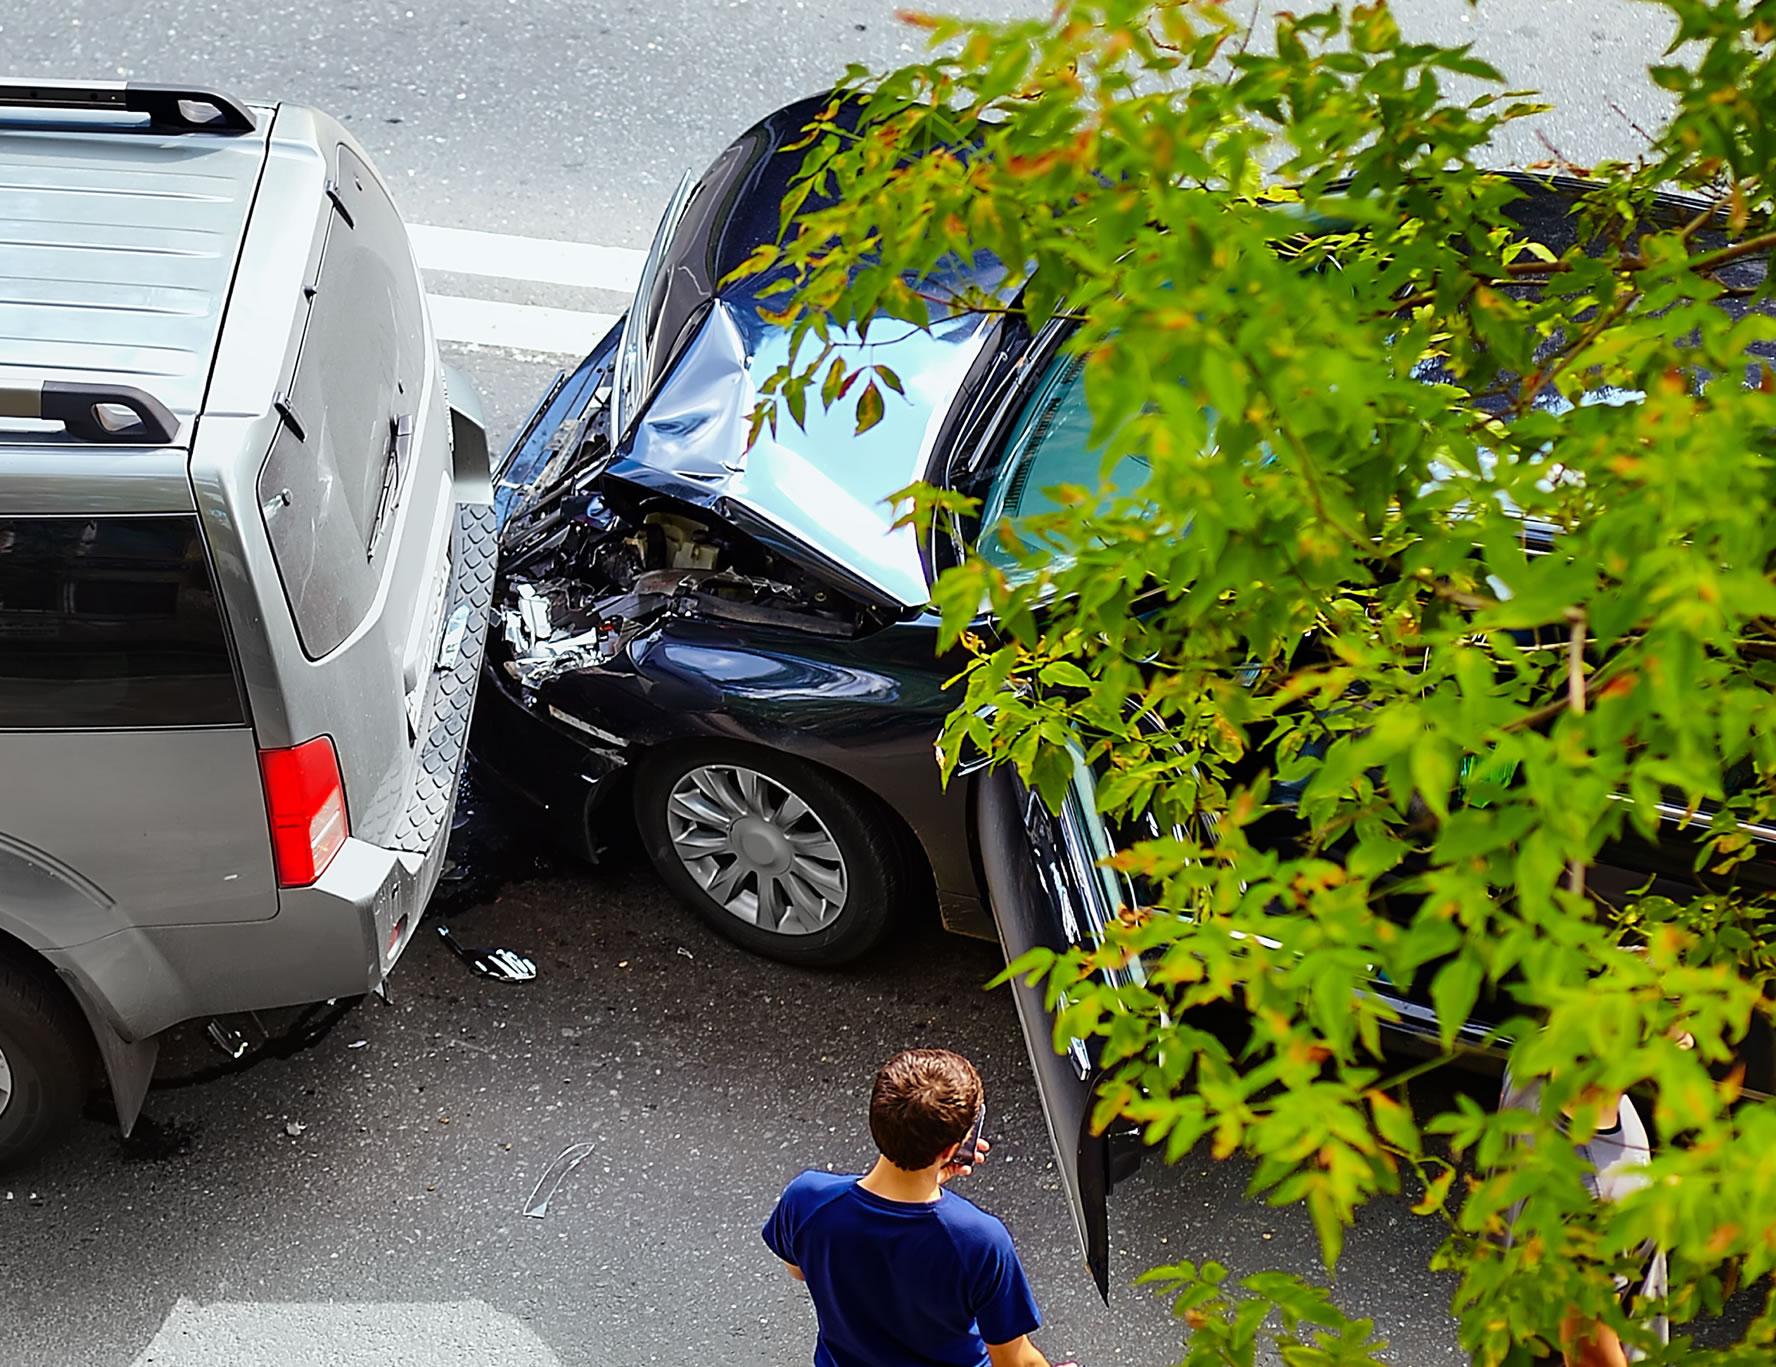 melhor seguro automotivo preço 2020